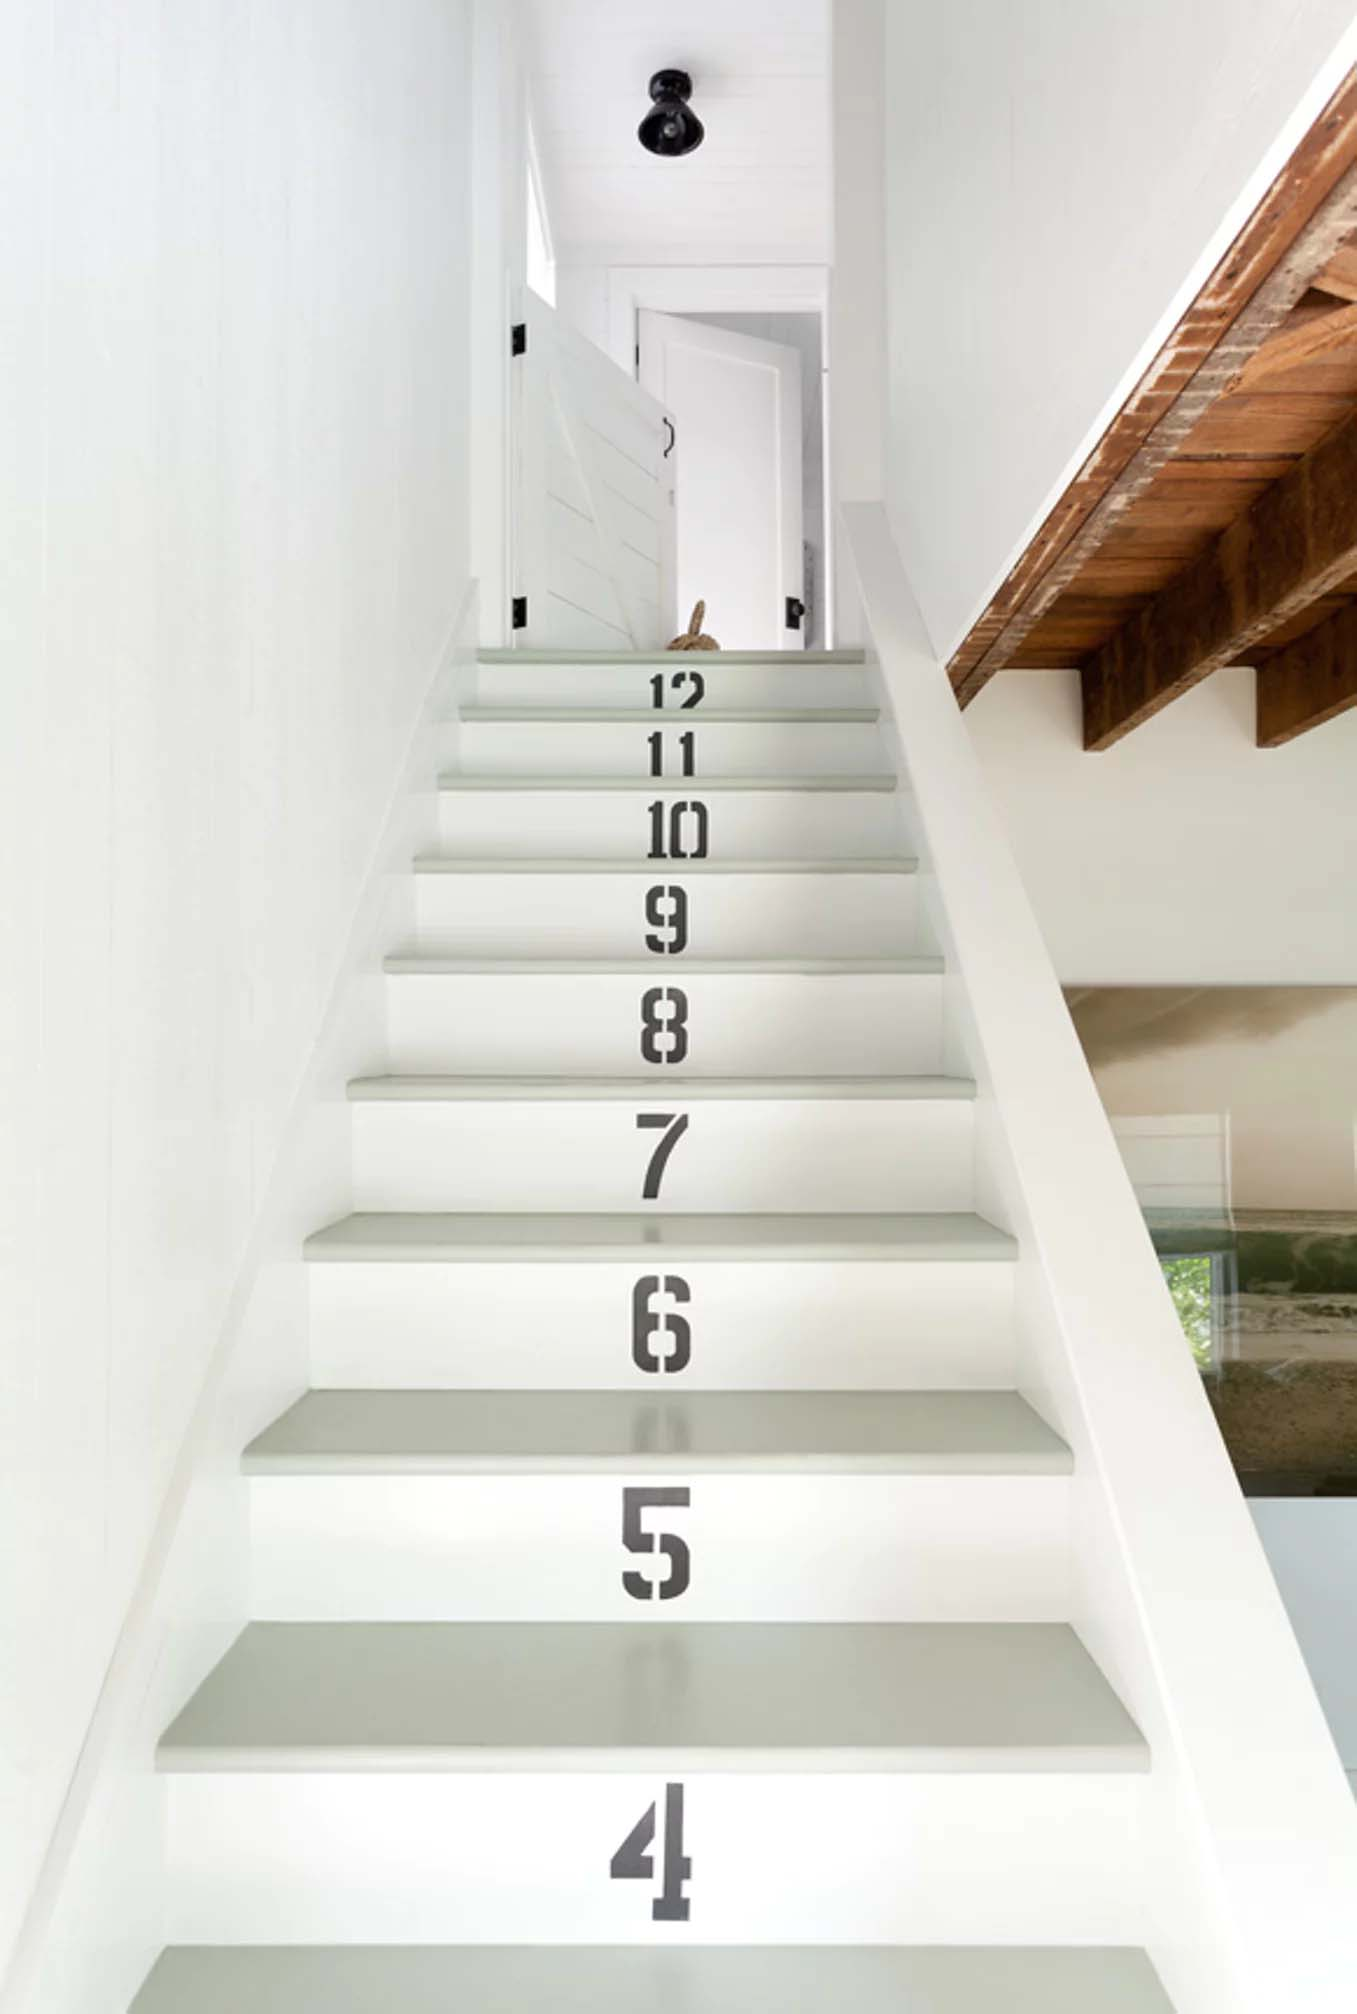 escalier-chalet-plage